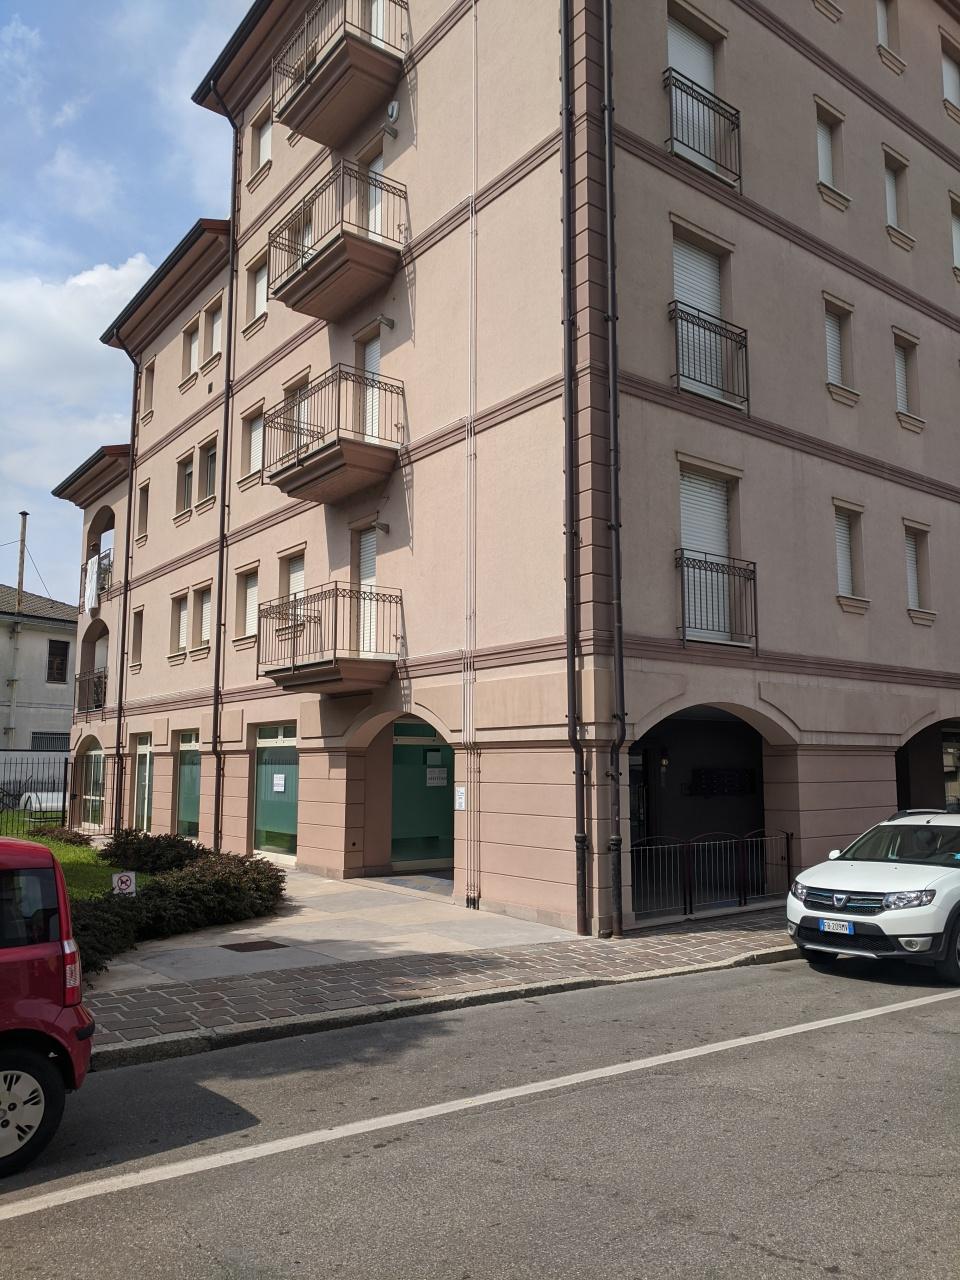 Negozio / Locale in affitto a Stradella, 2 locali, prezzo € 900 | PortaleAgenzieImmobiliari.it